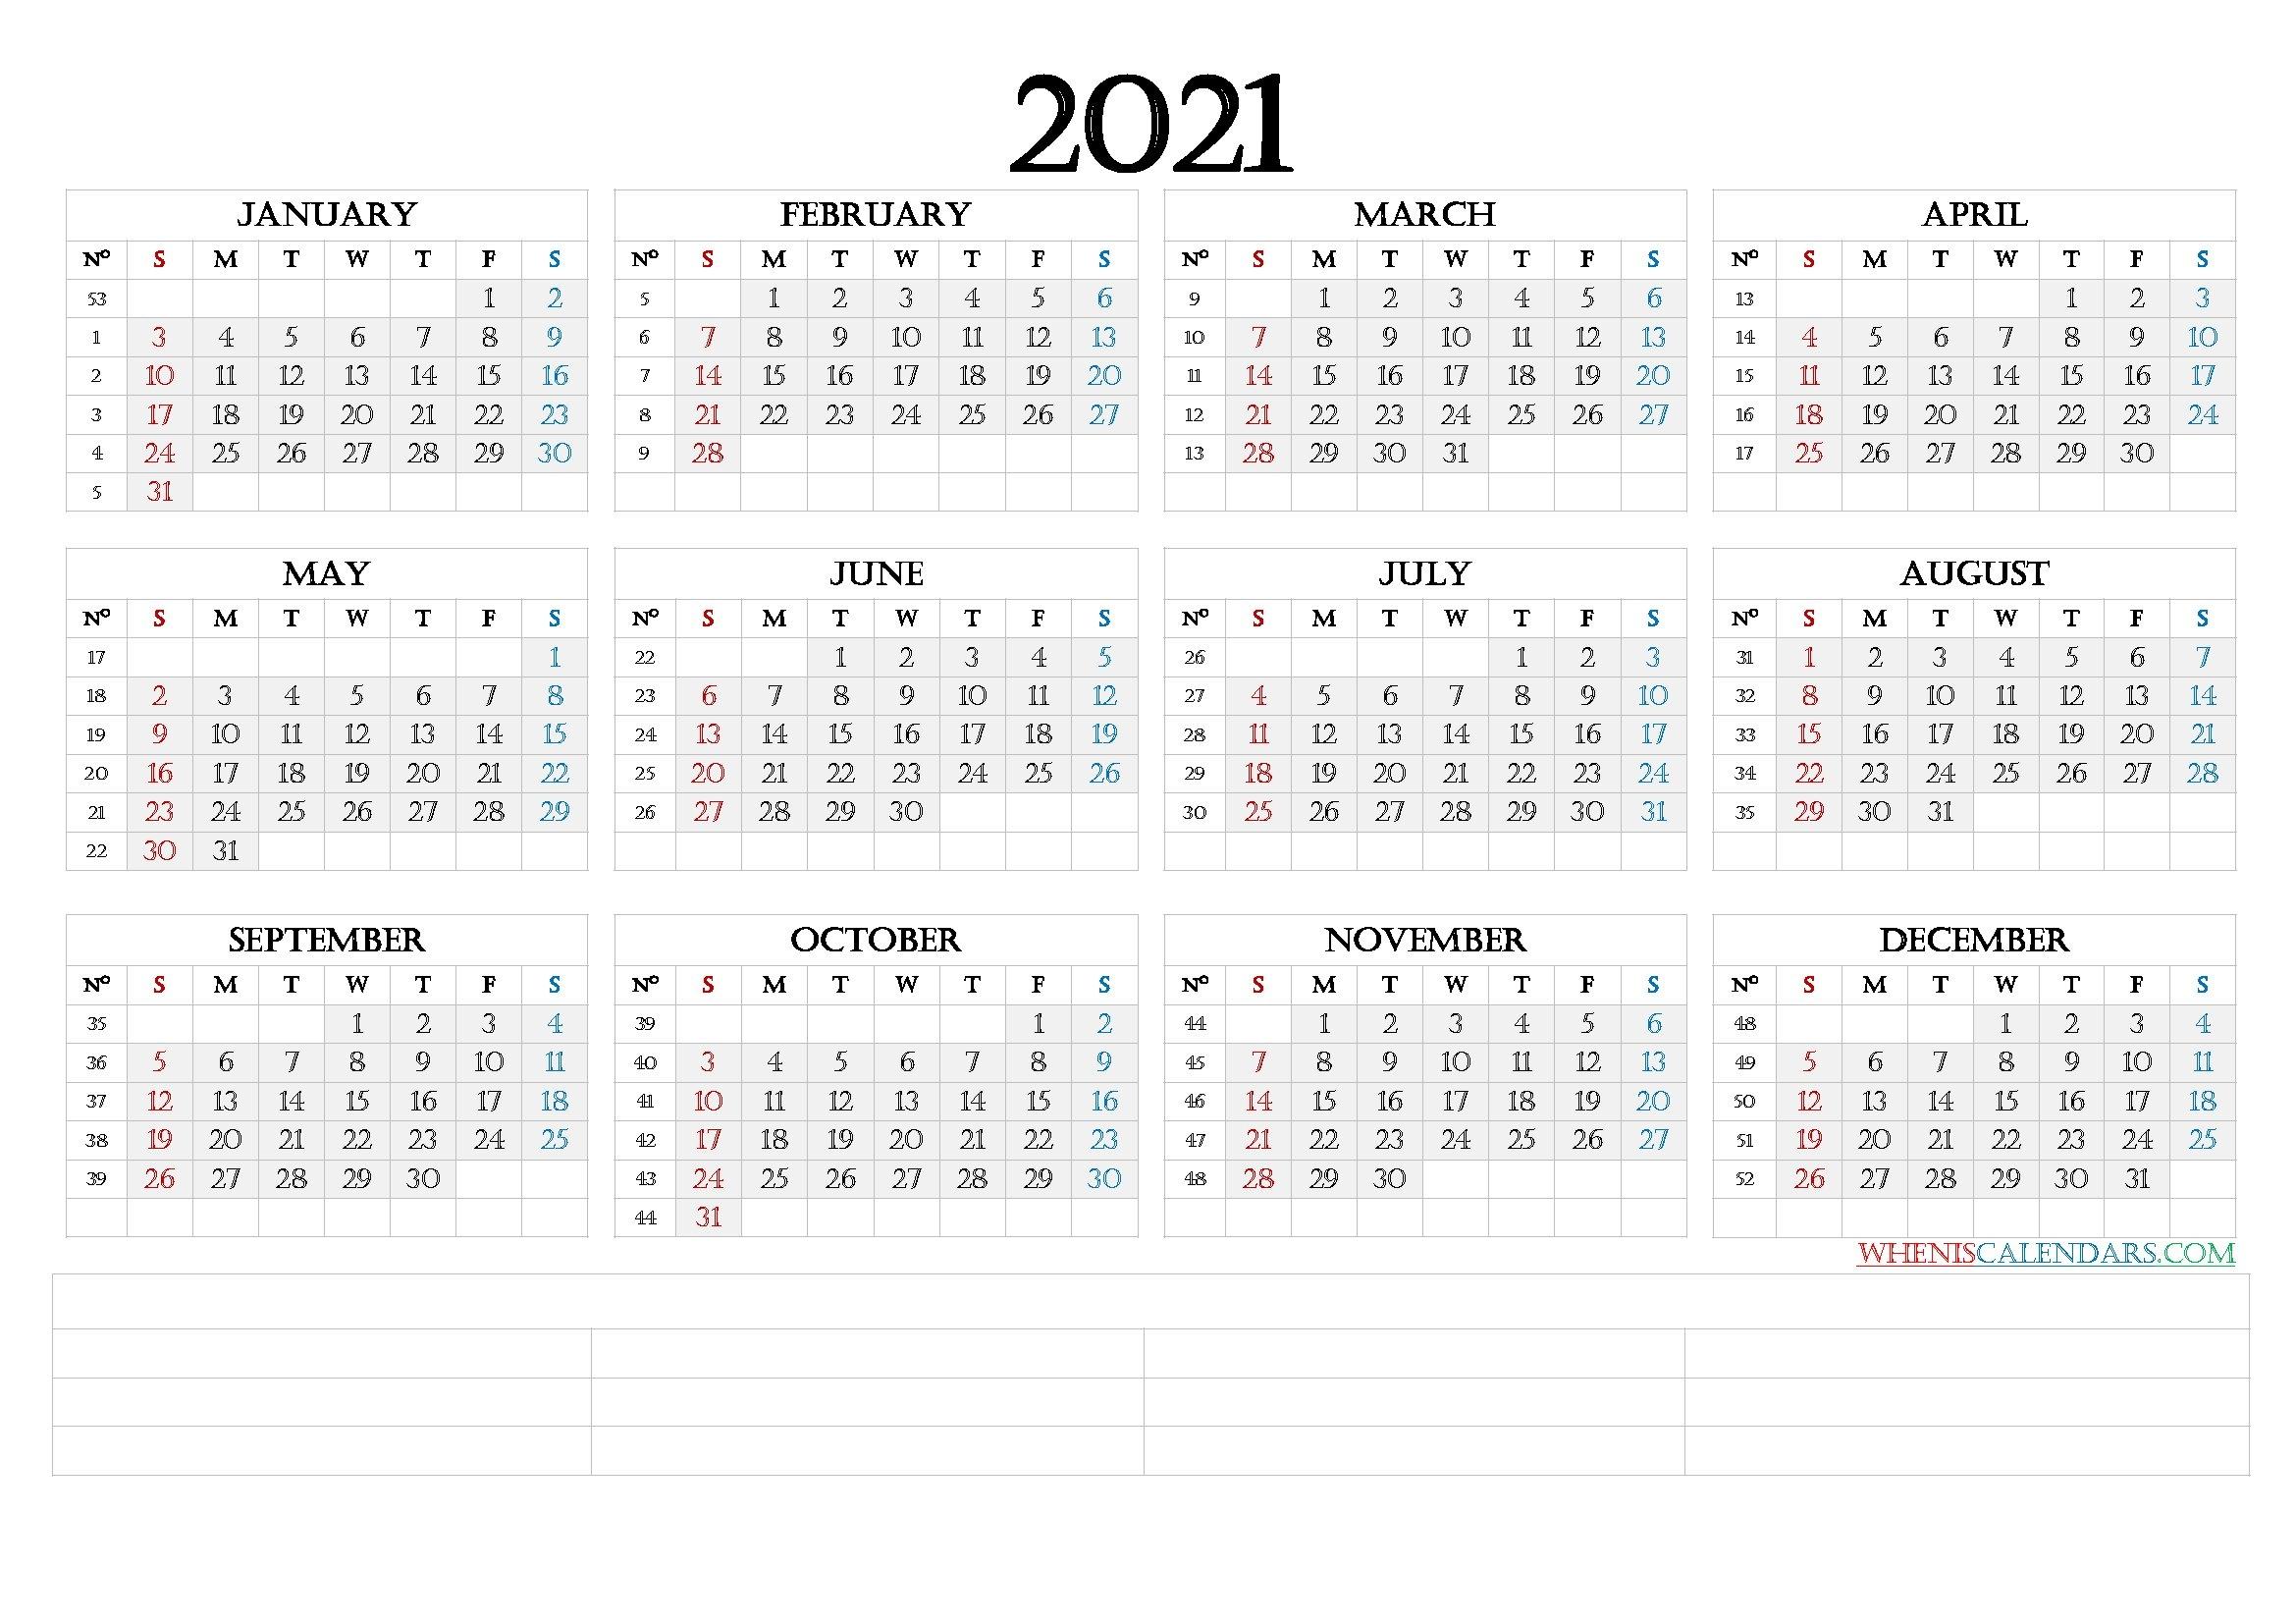 Printable 2021 Calendar With Week Numbers (6 Templates) regarding 2021 Calendar Image By Week Numbers Graphics